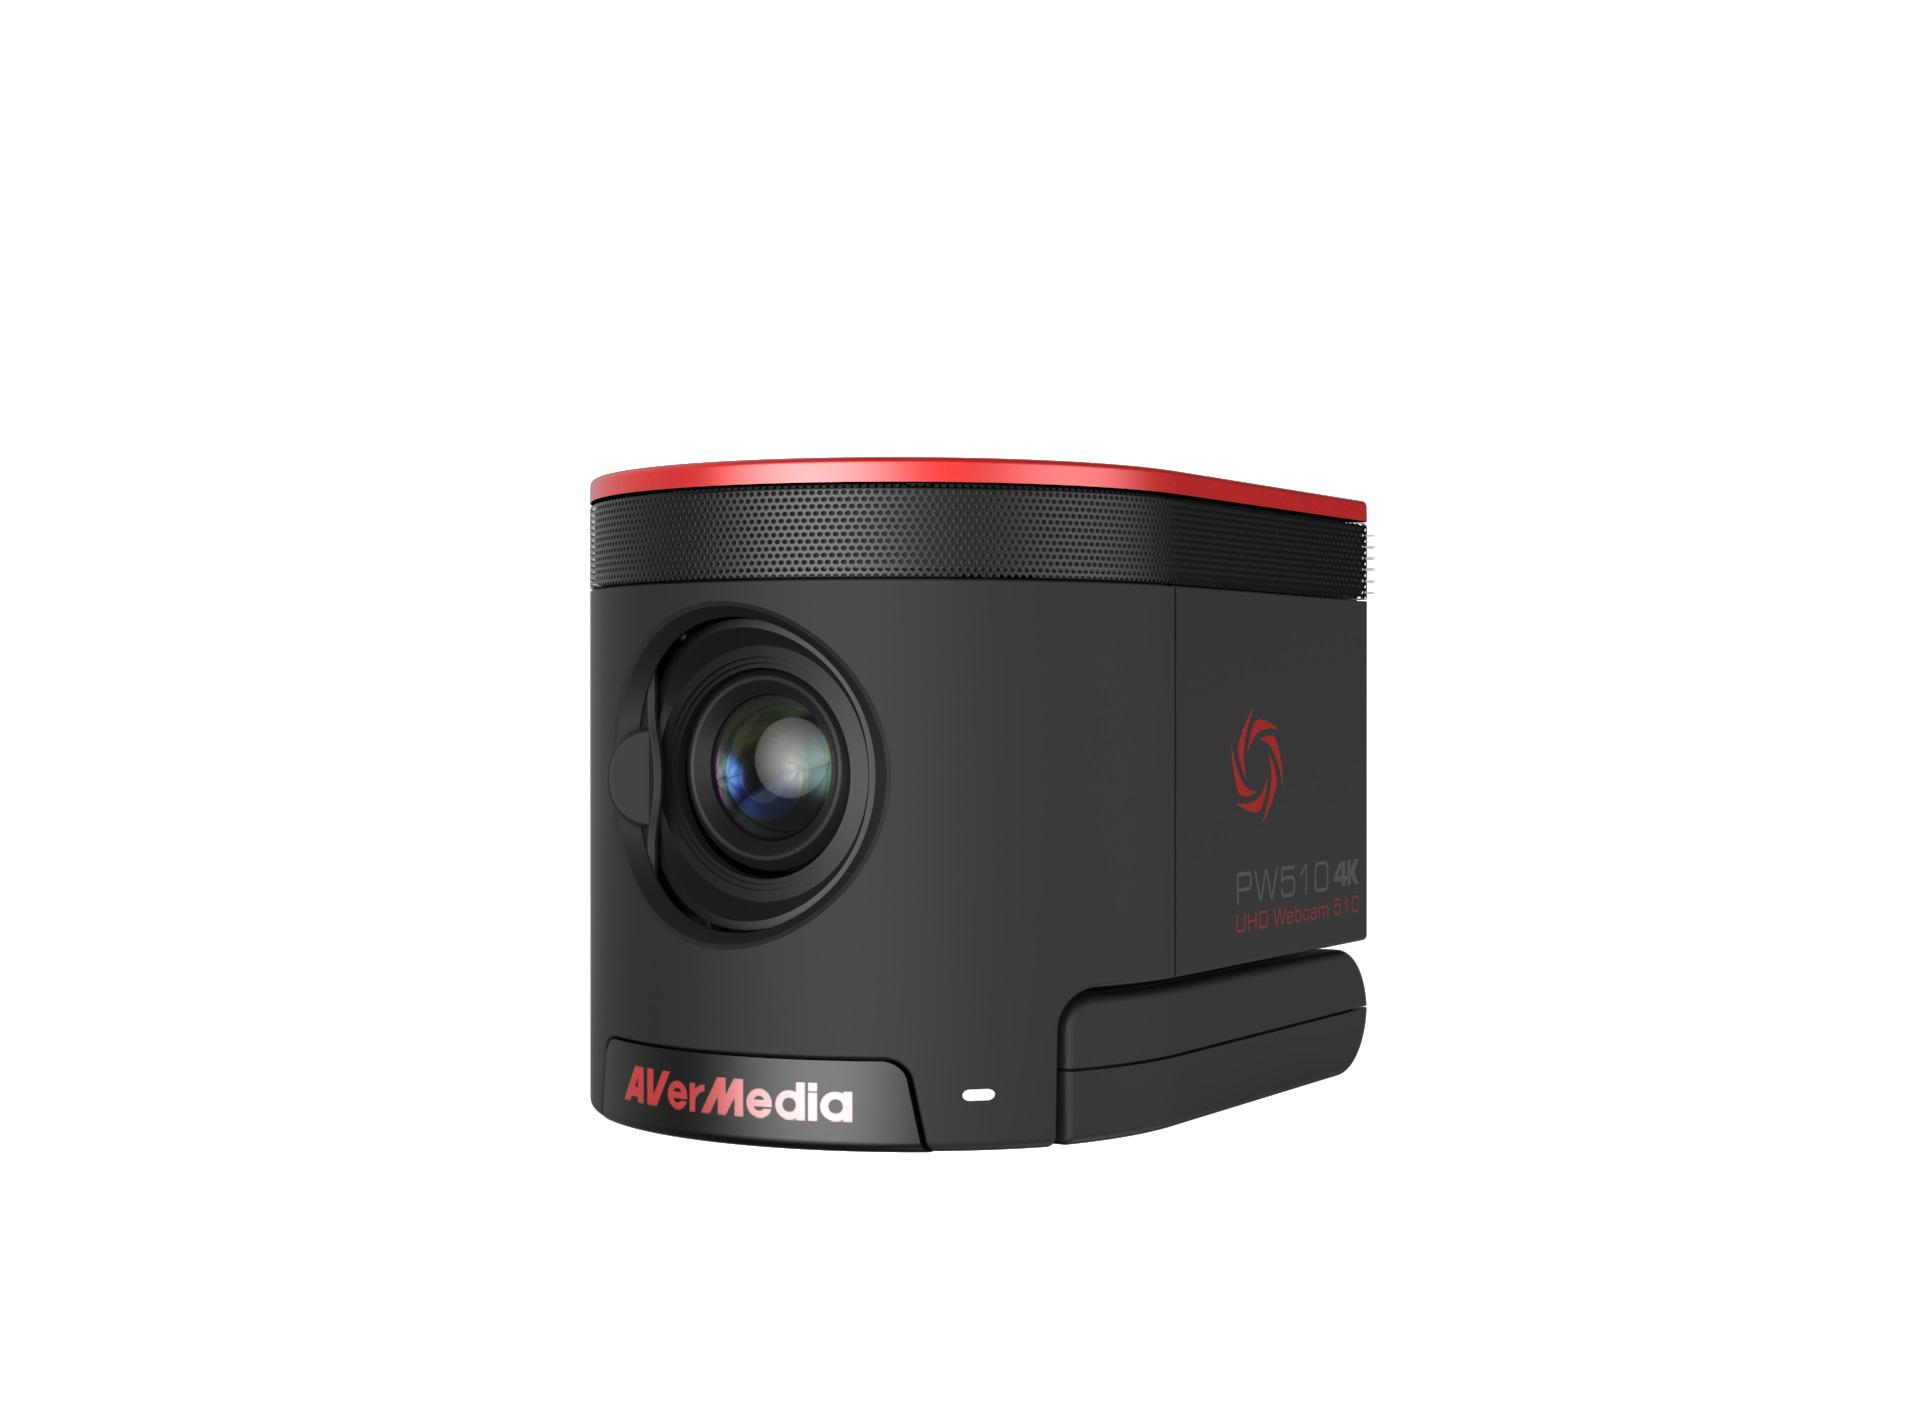 avermedia kamera 4k z zabezpieczeniem przed hakerami. Black Bedroom Furniture Sets. Home Design Ideas